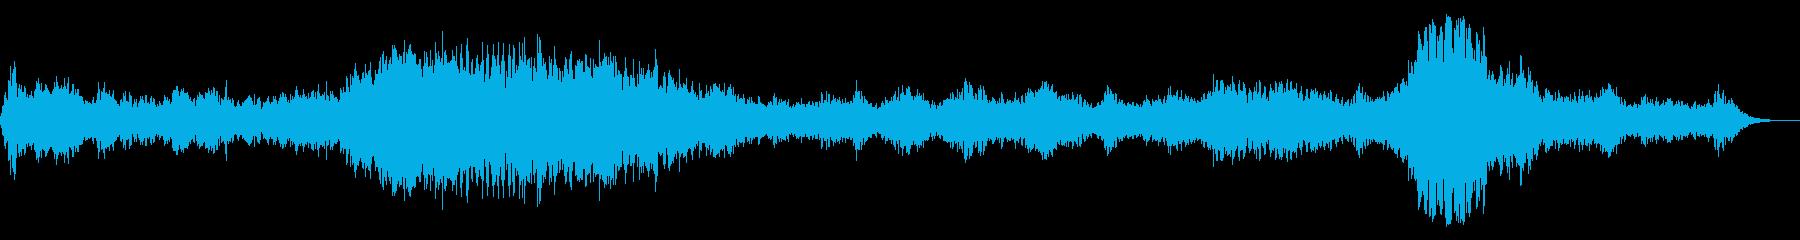 ホラーアンビエント:ホラーゲームのBGMの再生済みの波形